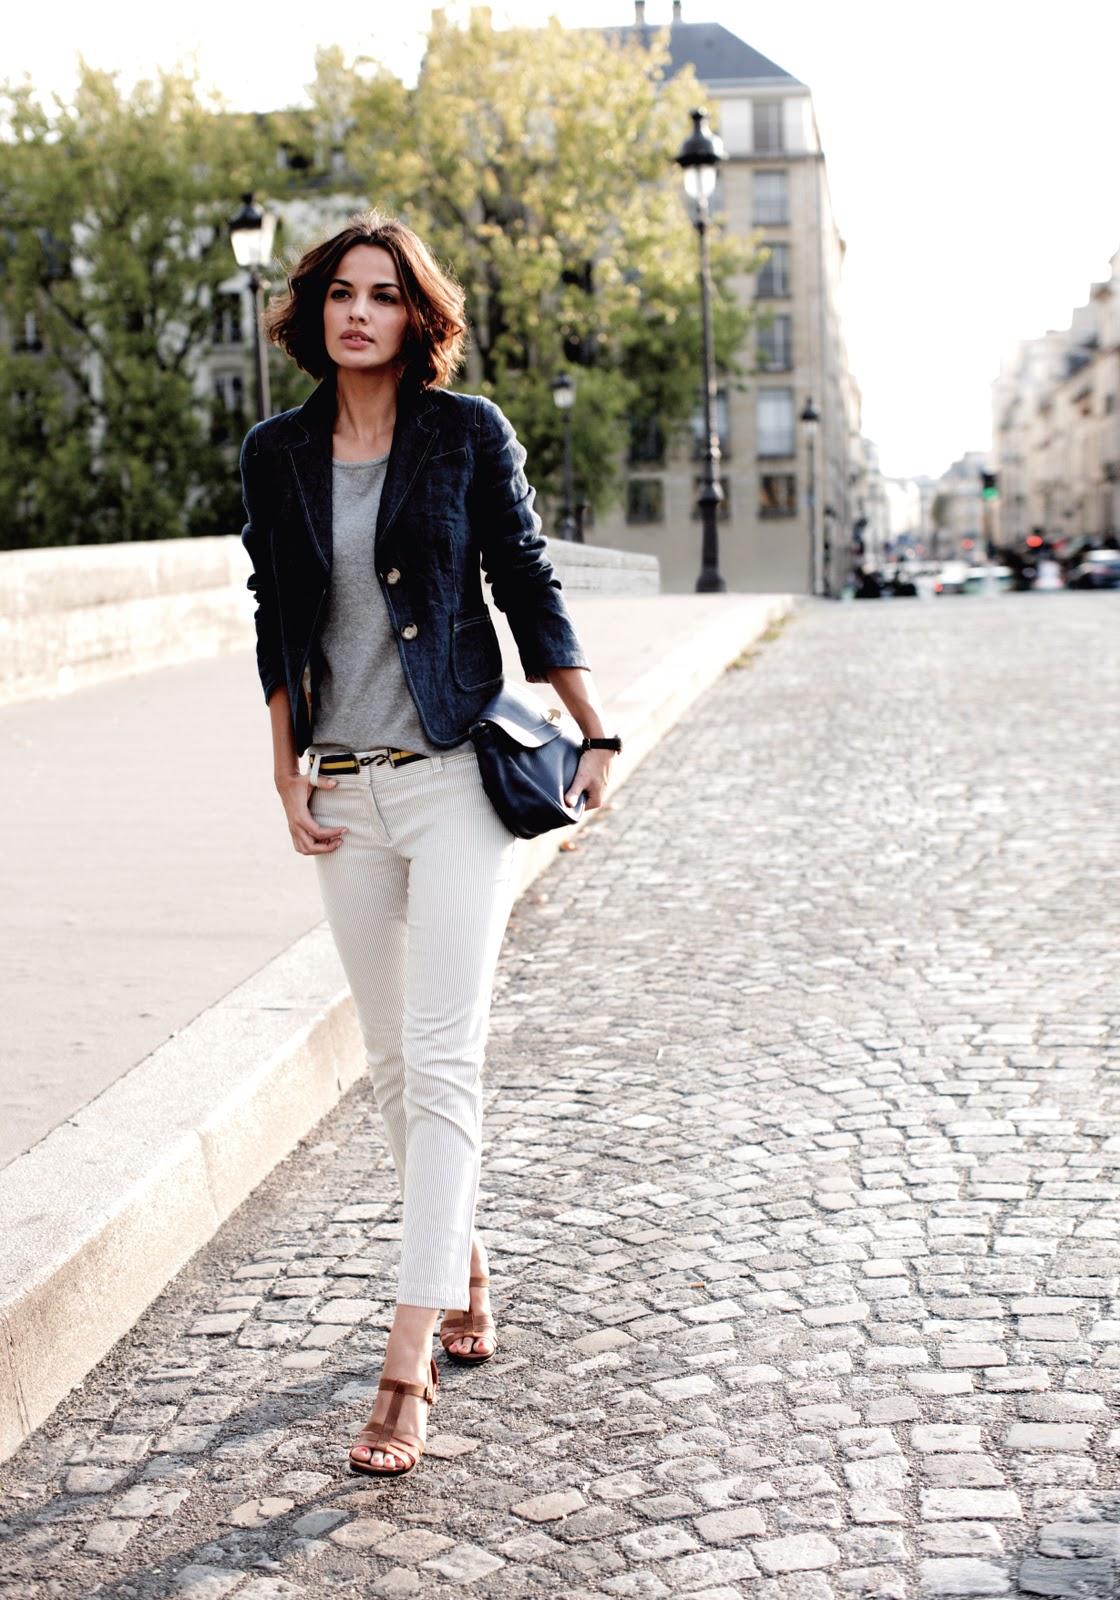 boden-white-jeans-gray-tee.jpg